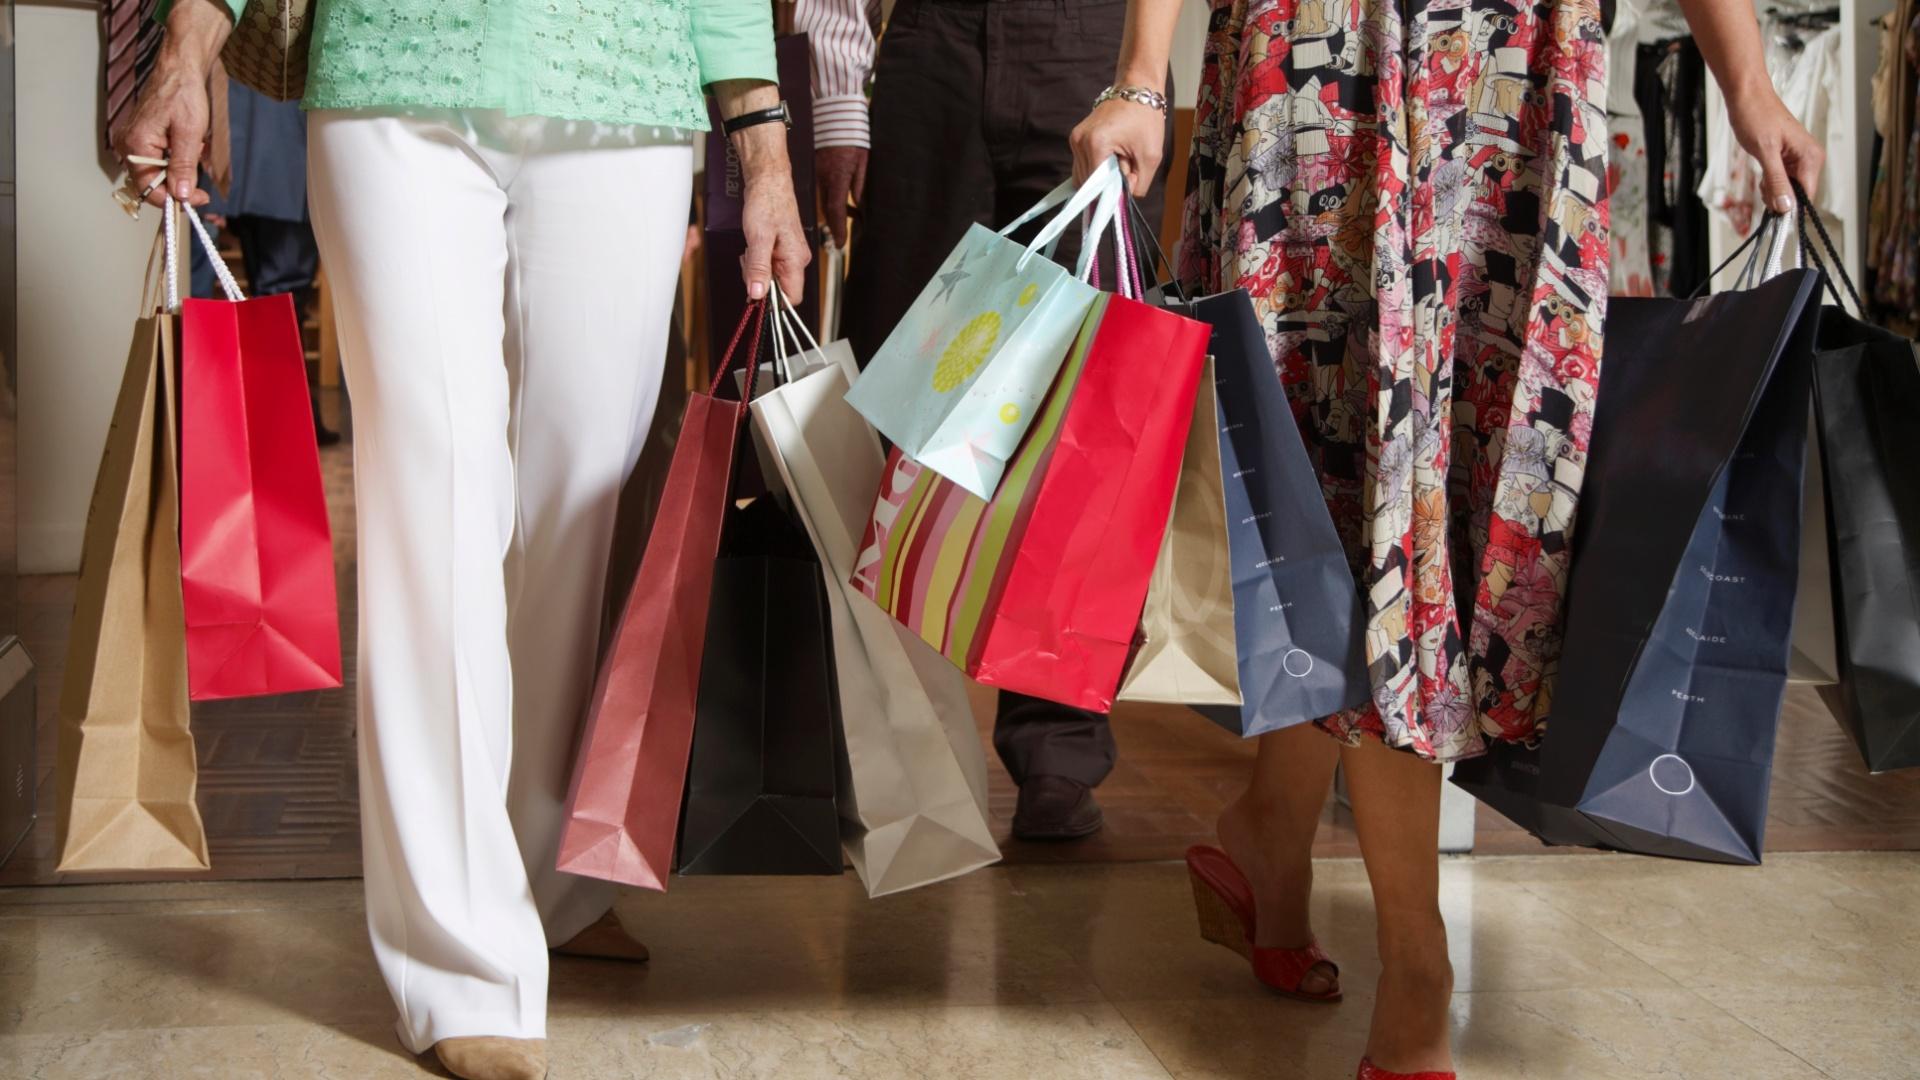 2daefe08085 Vale a pena antecipar as compras de Natal  Especialistas dão dicas para  economizar - 27 10 2011 - UOL Economia